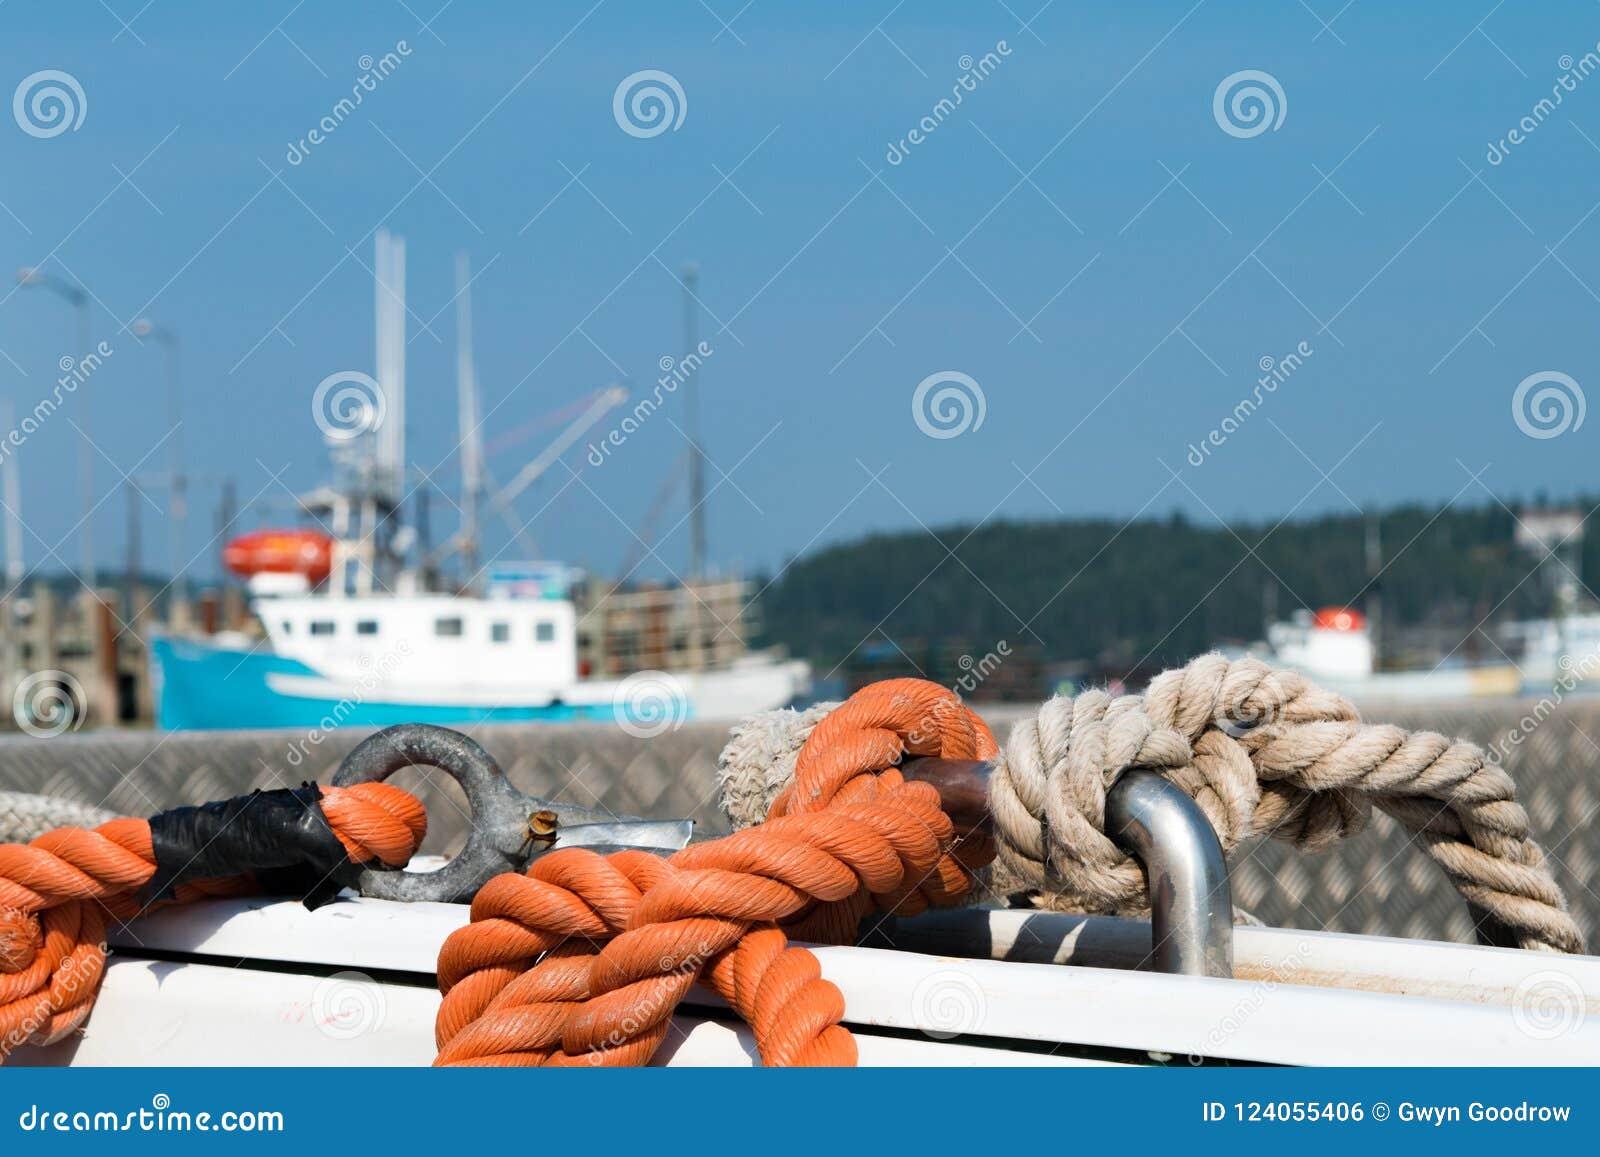 Ropes on boat in marina